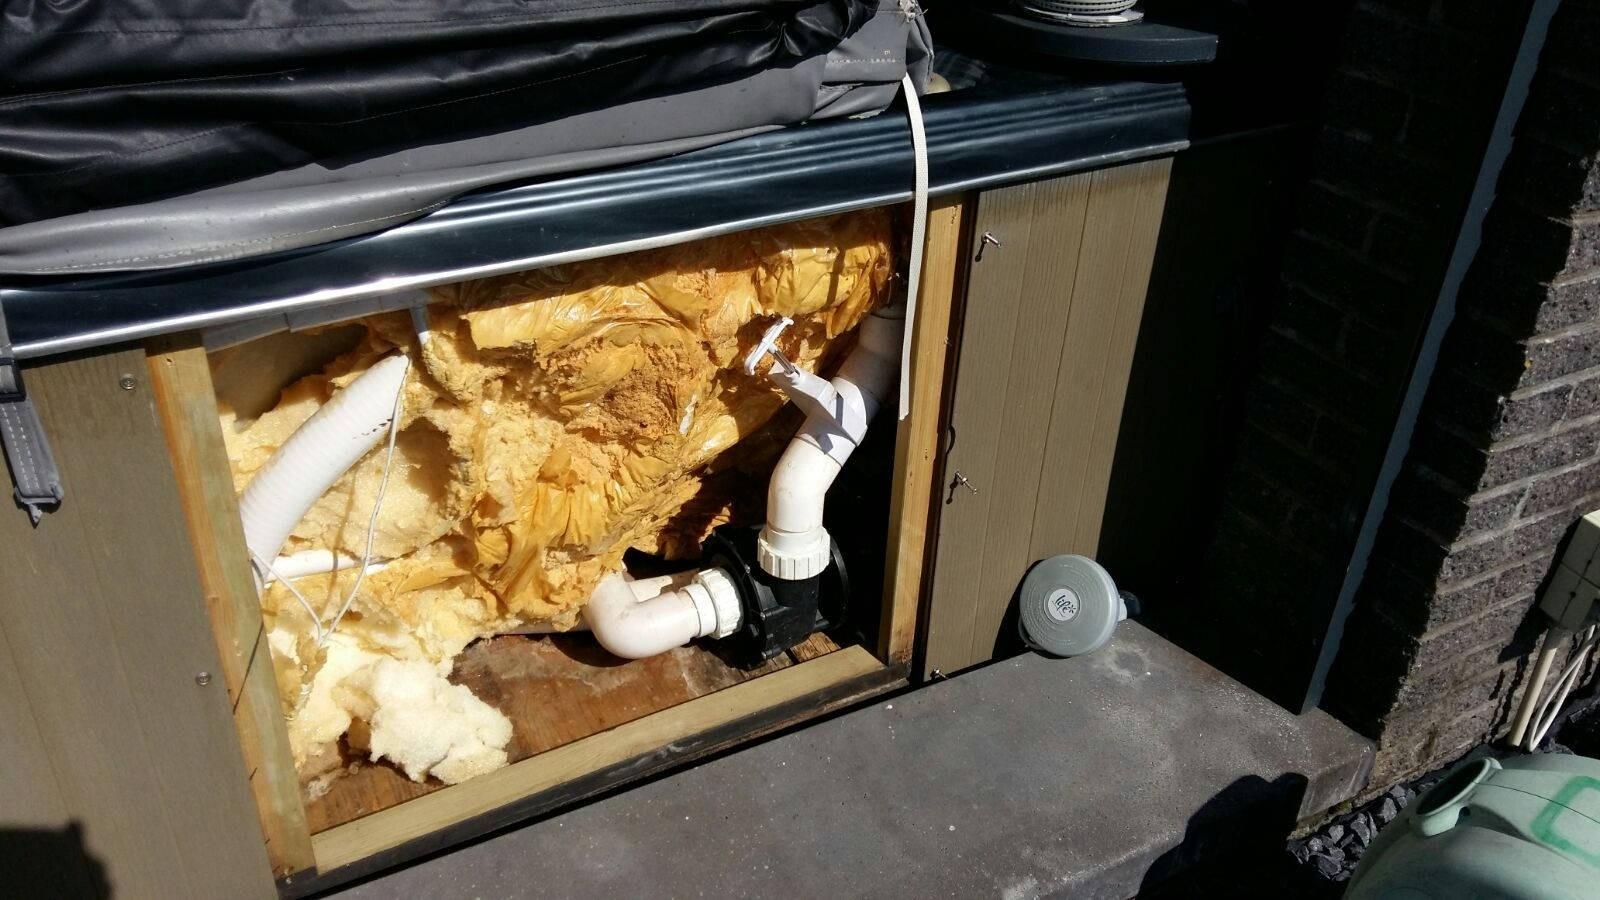 Reparatie lekkage spa in Nieuwegein